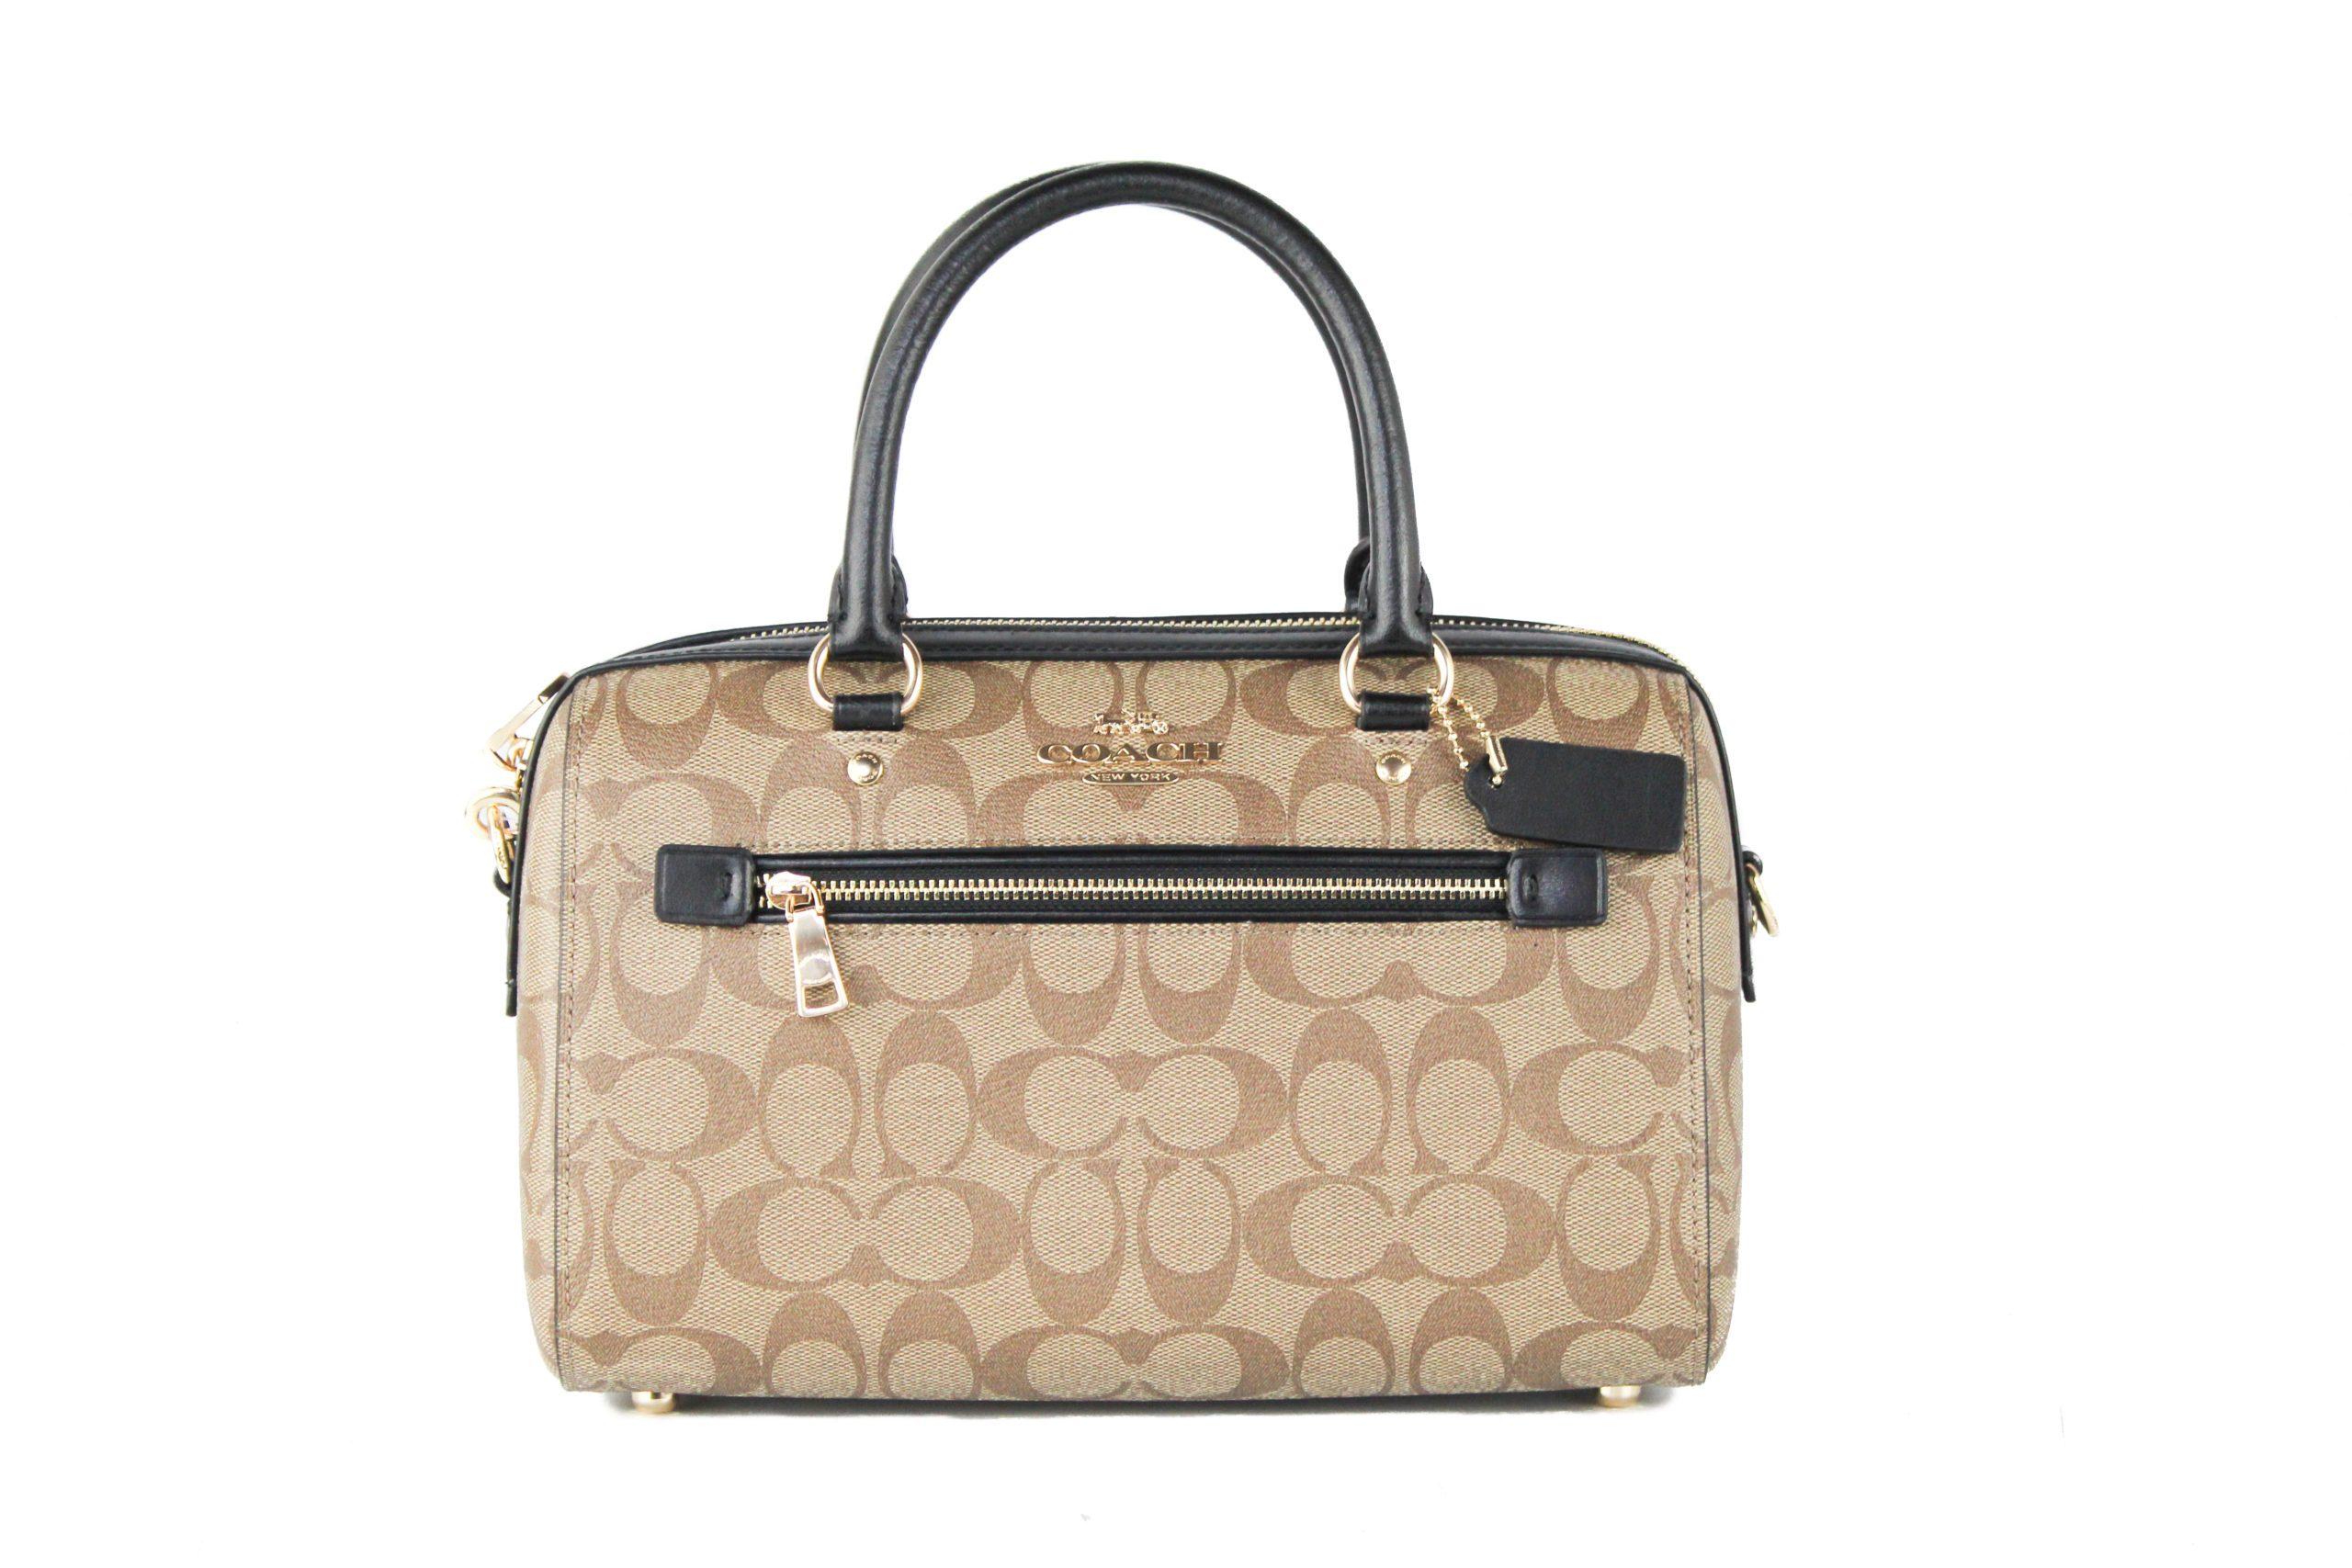 COACH Women's Rowan Medium Satchel Bag Khaki Black 505237